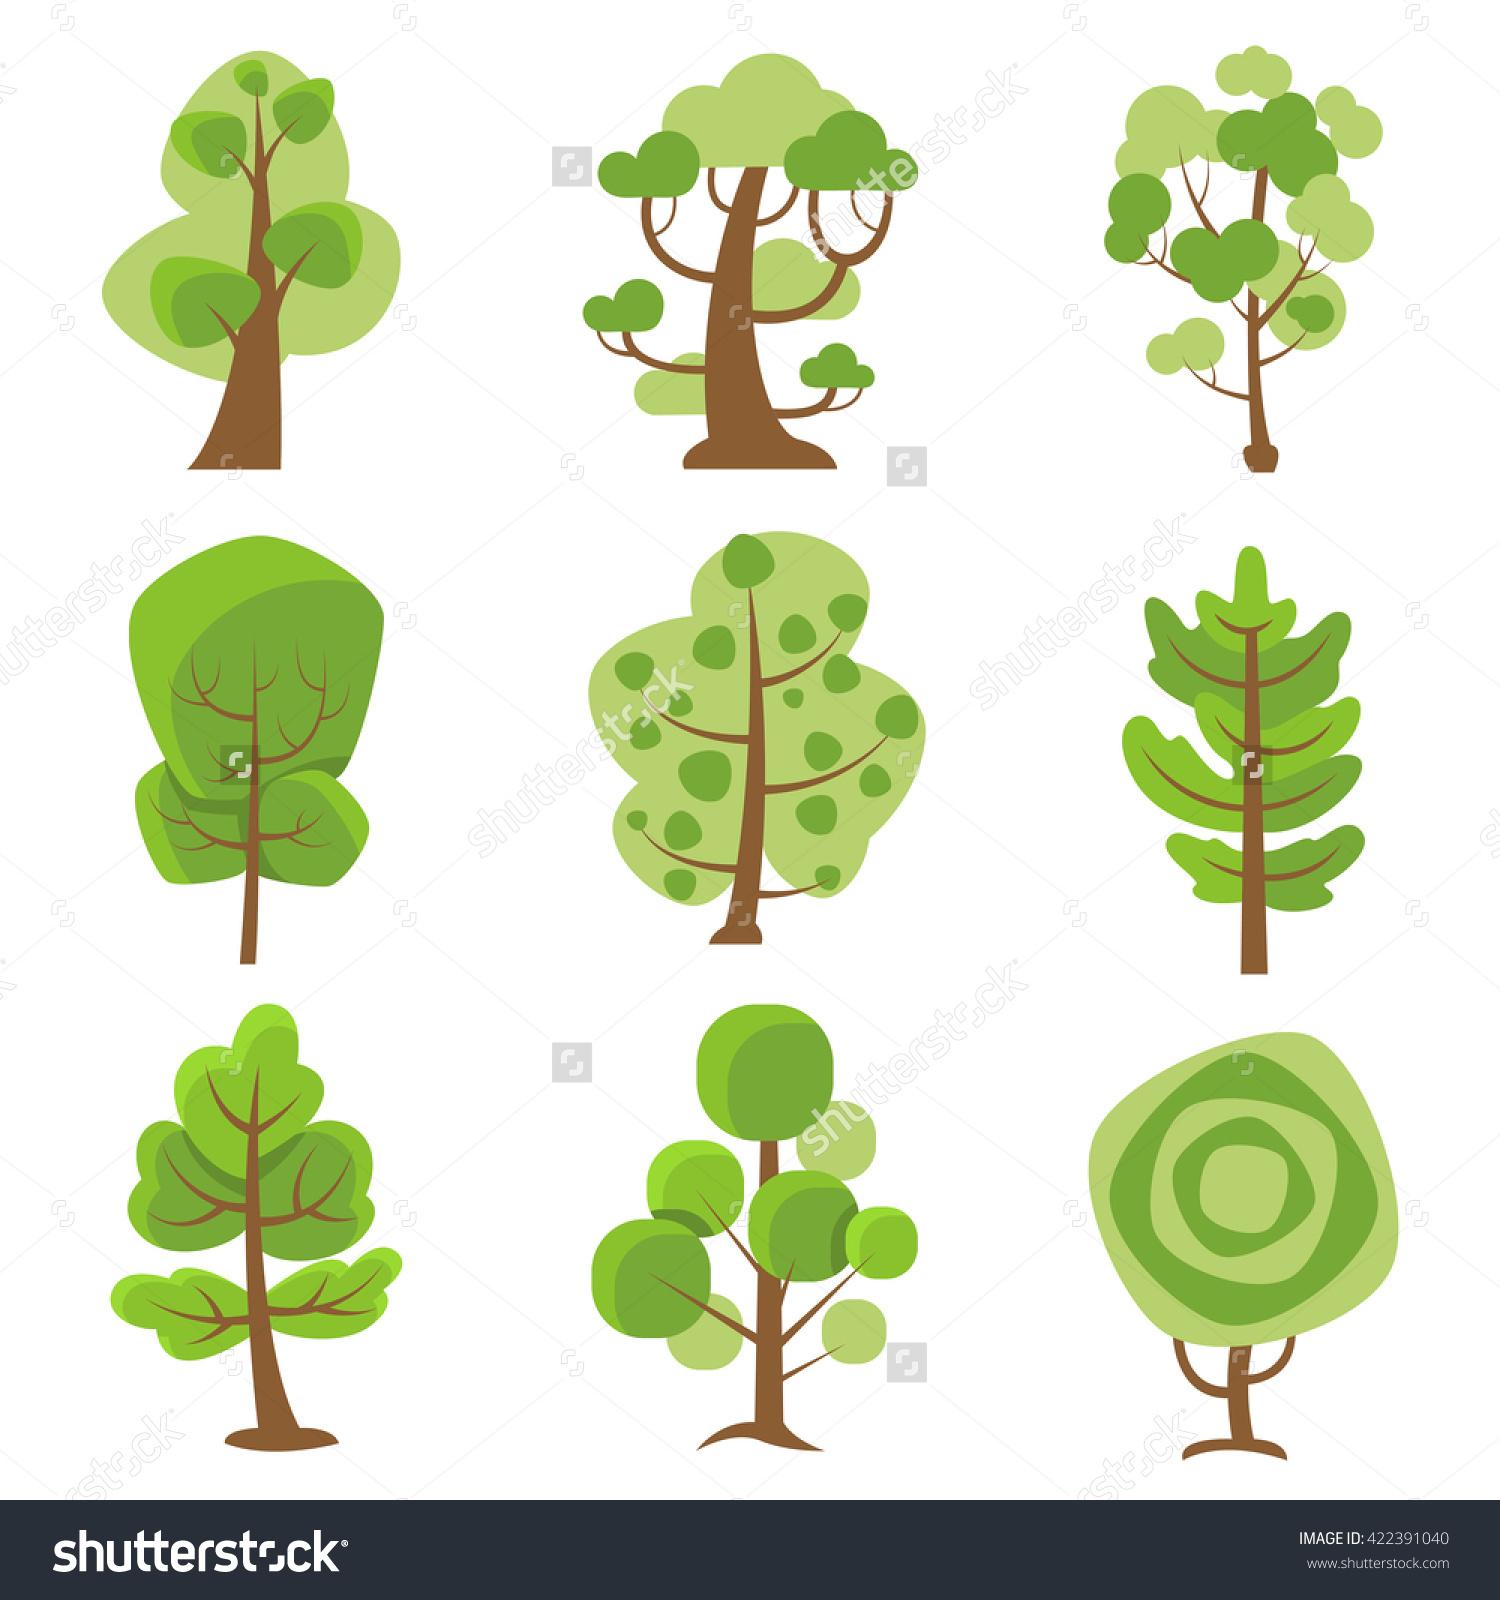 Tree Logo Flat Cartoon Decorative Icons Stock Vector 422391040.